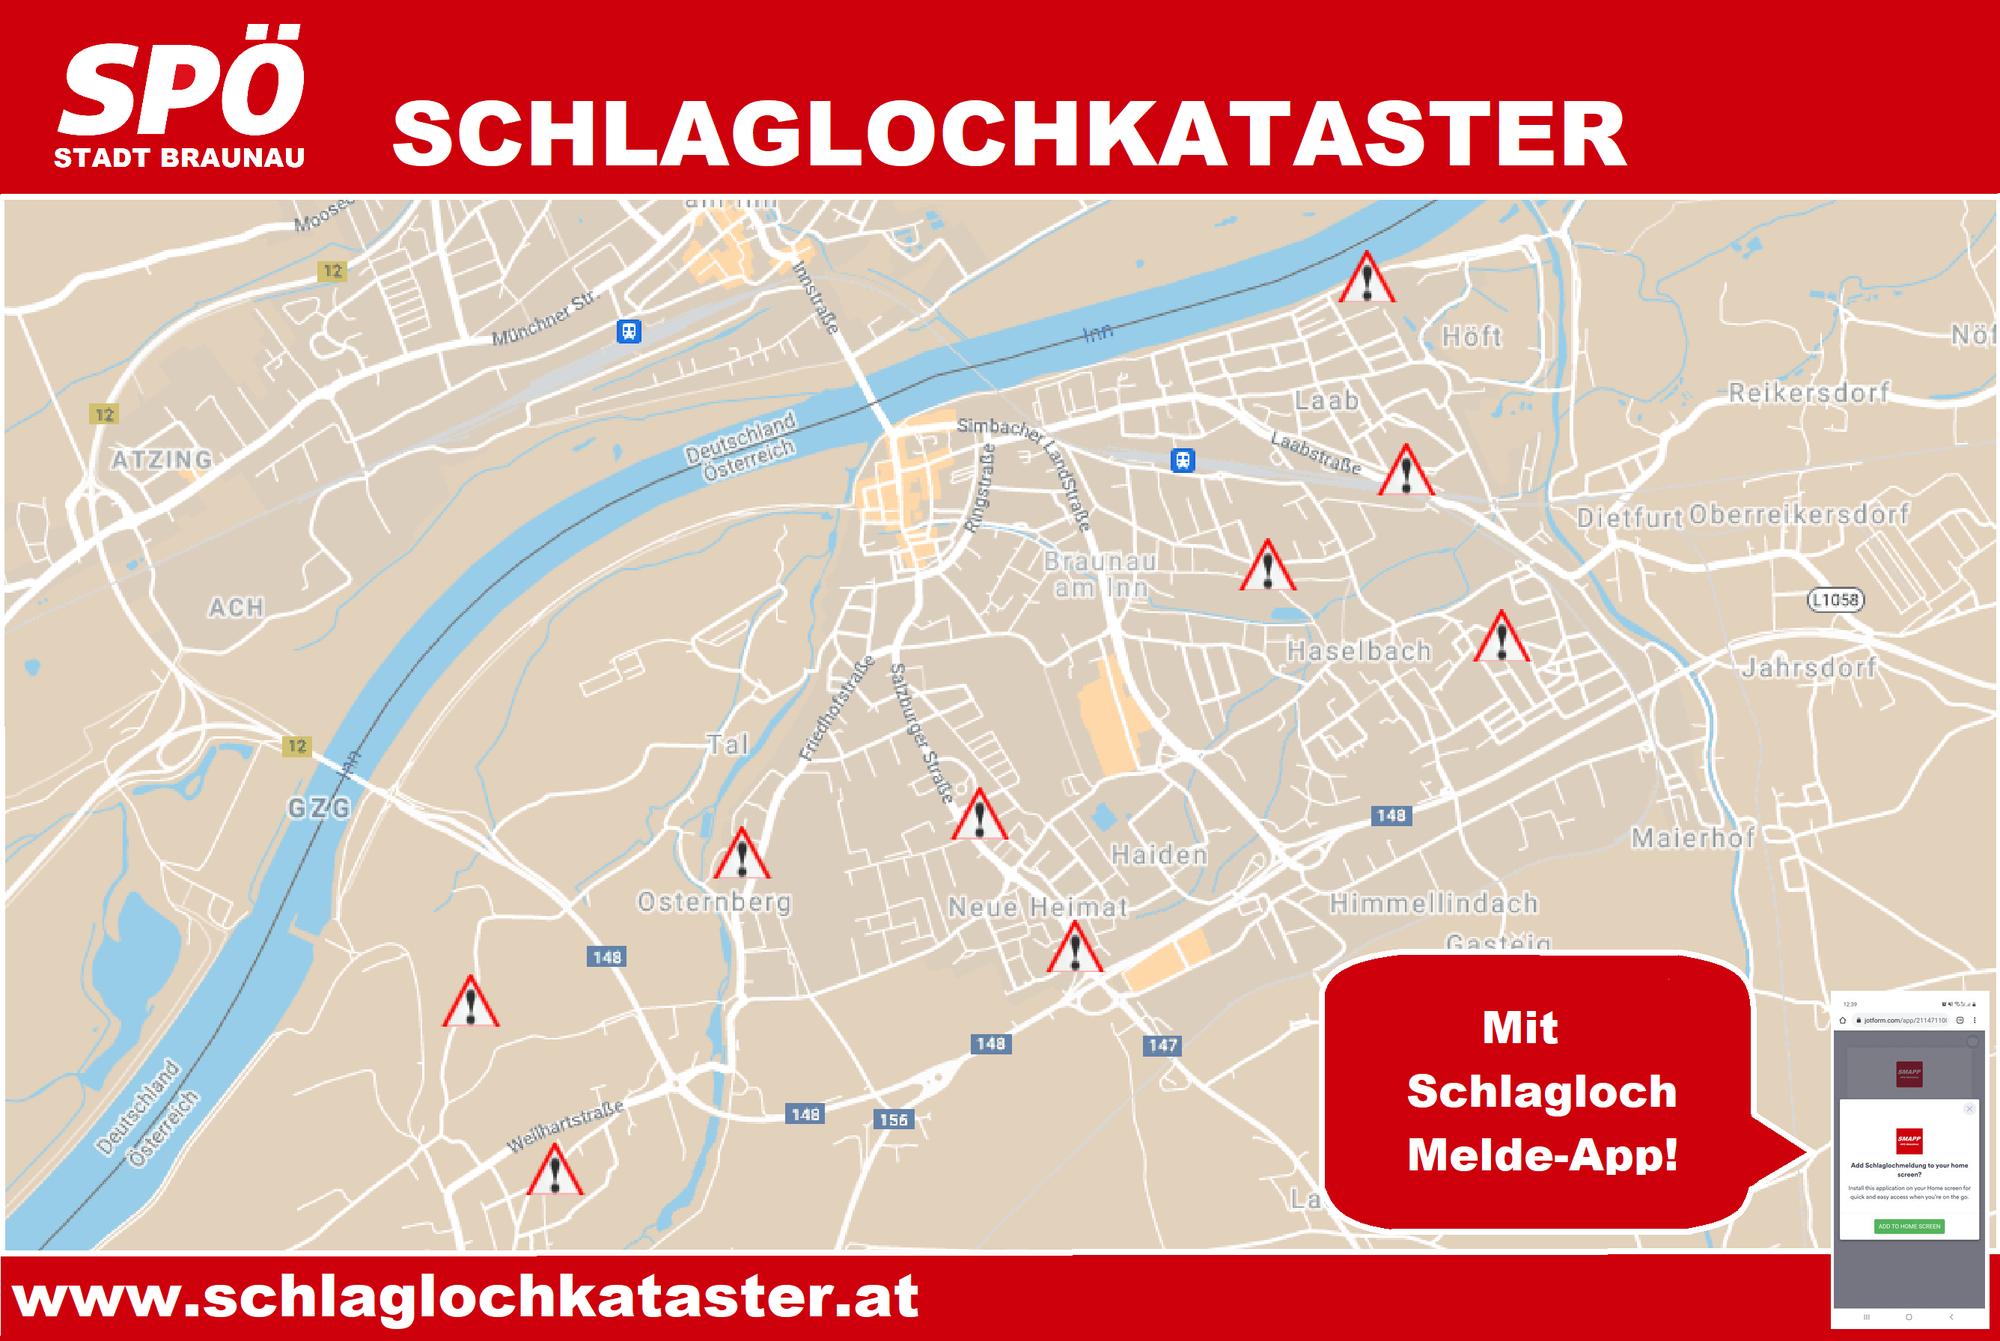 www.schlaglochkataster.at - ein neuer Service der SPÖ Braunau